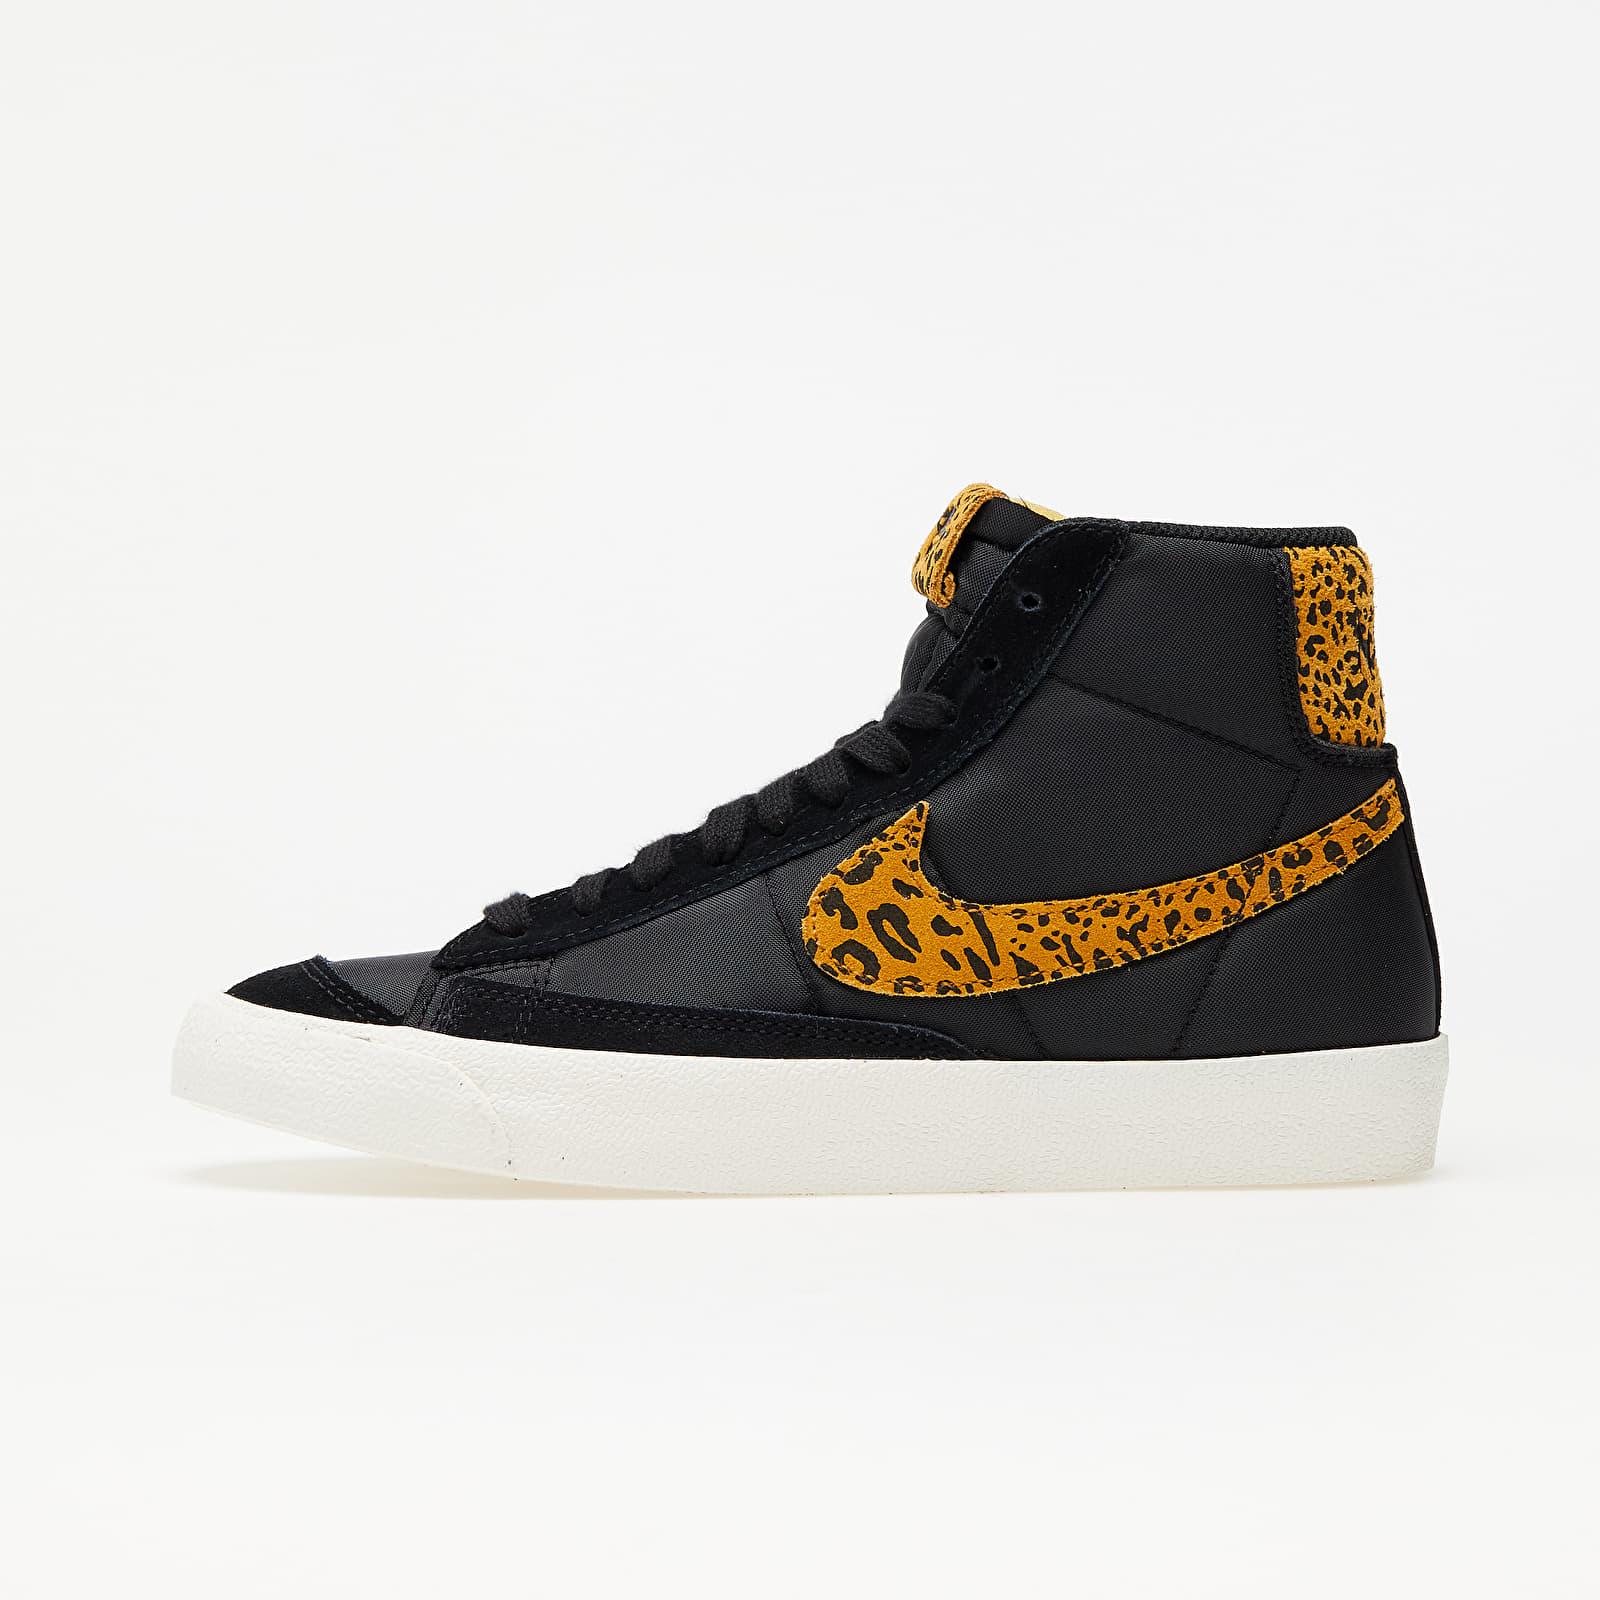 Nike Wmns Blazer Mid '77 Black/ Chutney-Sail EUR 41